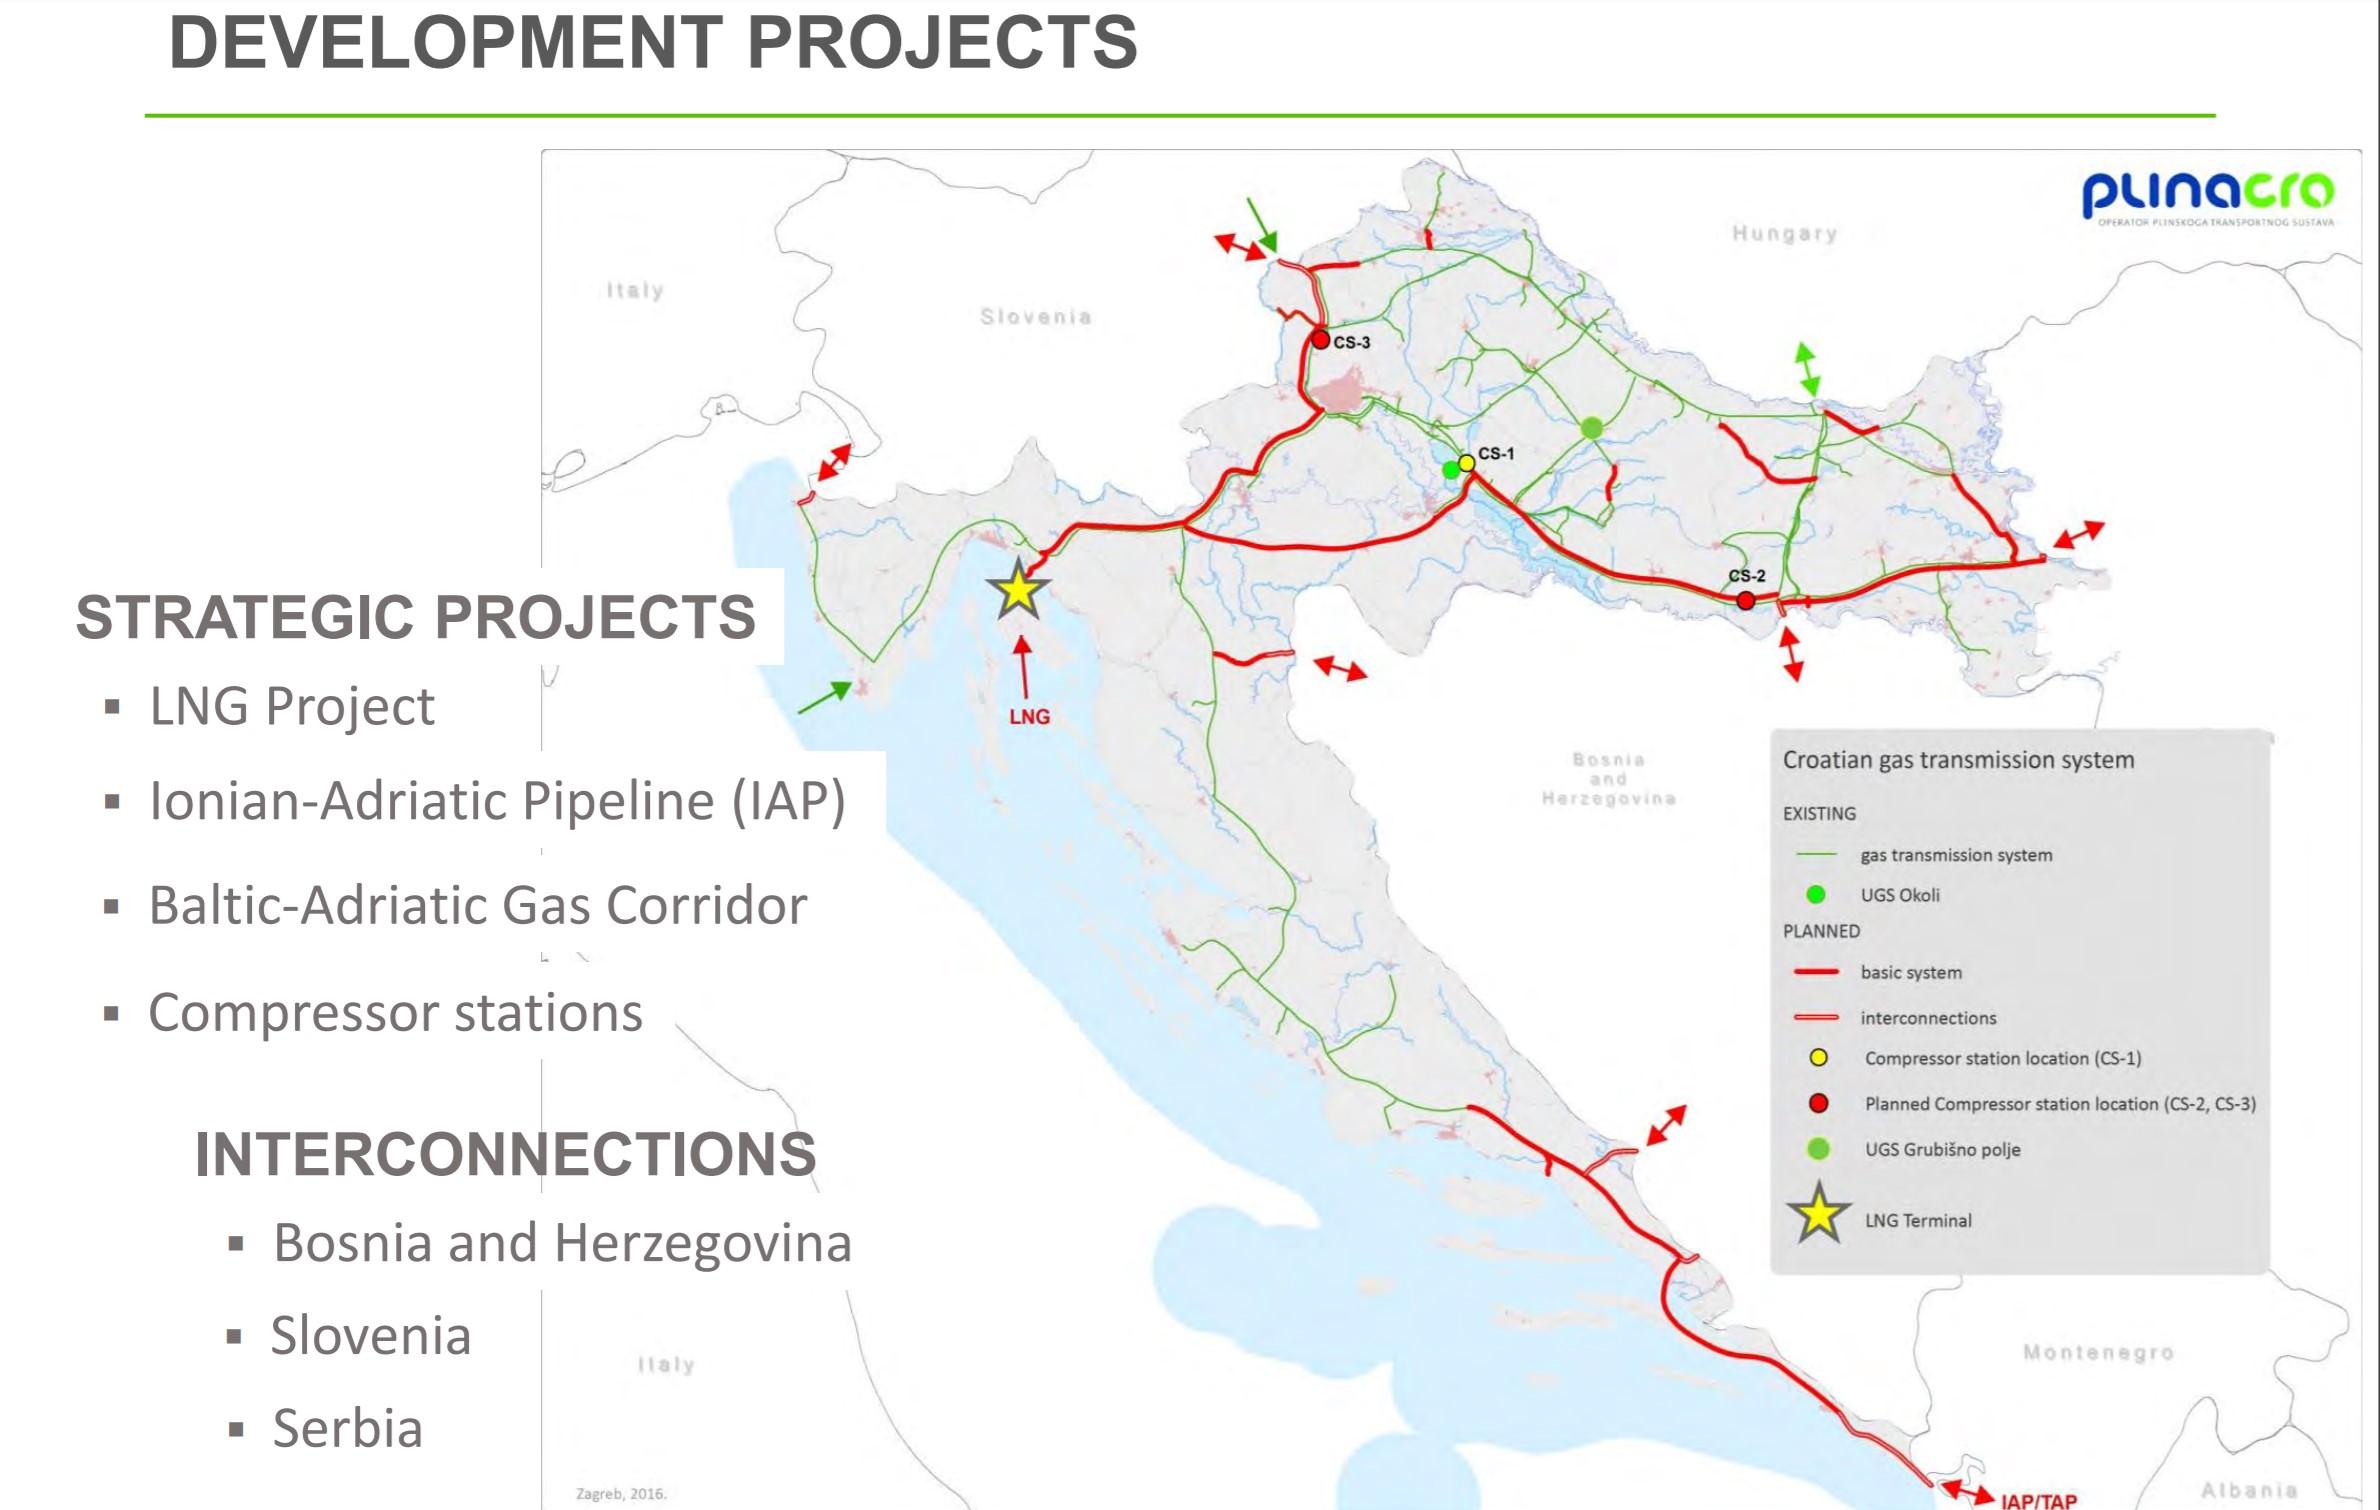 Rozwój infrastruktury towarzyszącej terminalowi, jak rozbudowa gazociągów przesyłowych i tłoczni. Źródło: LNG Hrvatska